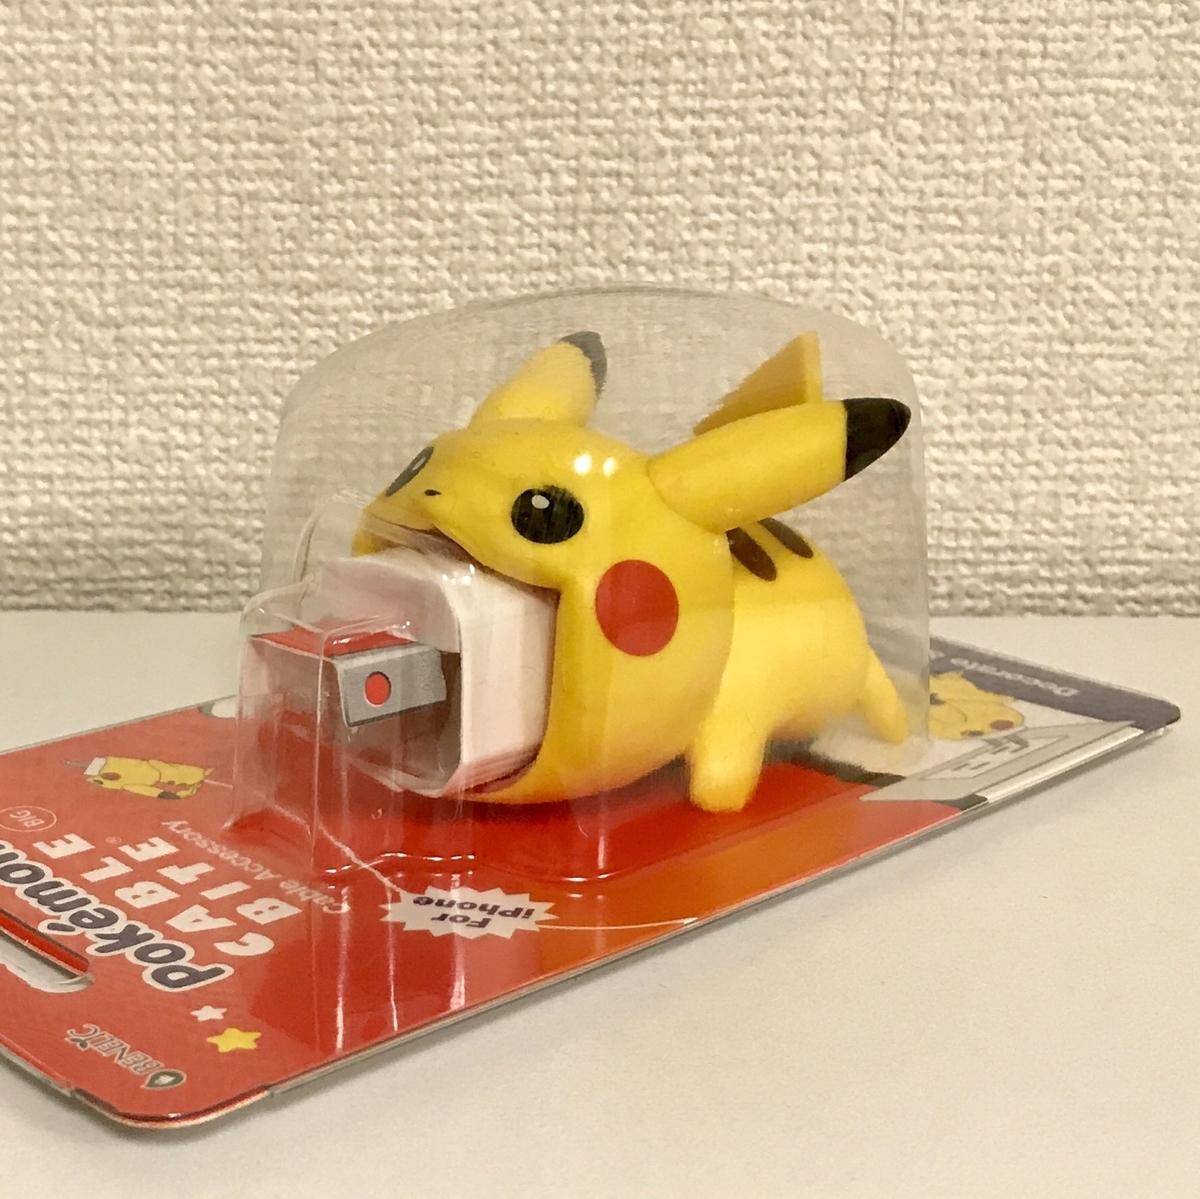 f:id:pikachu_pcn:20190402214433j:plain